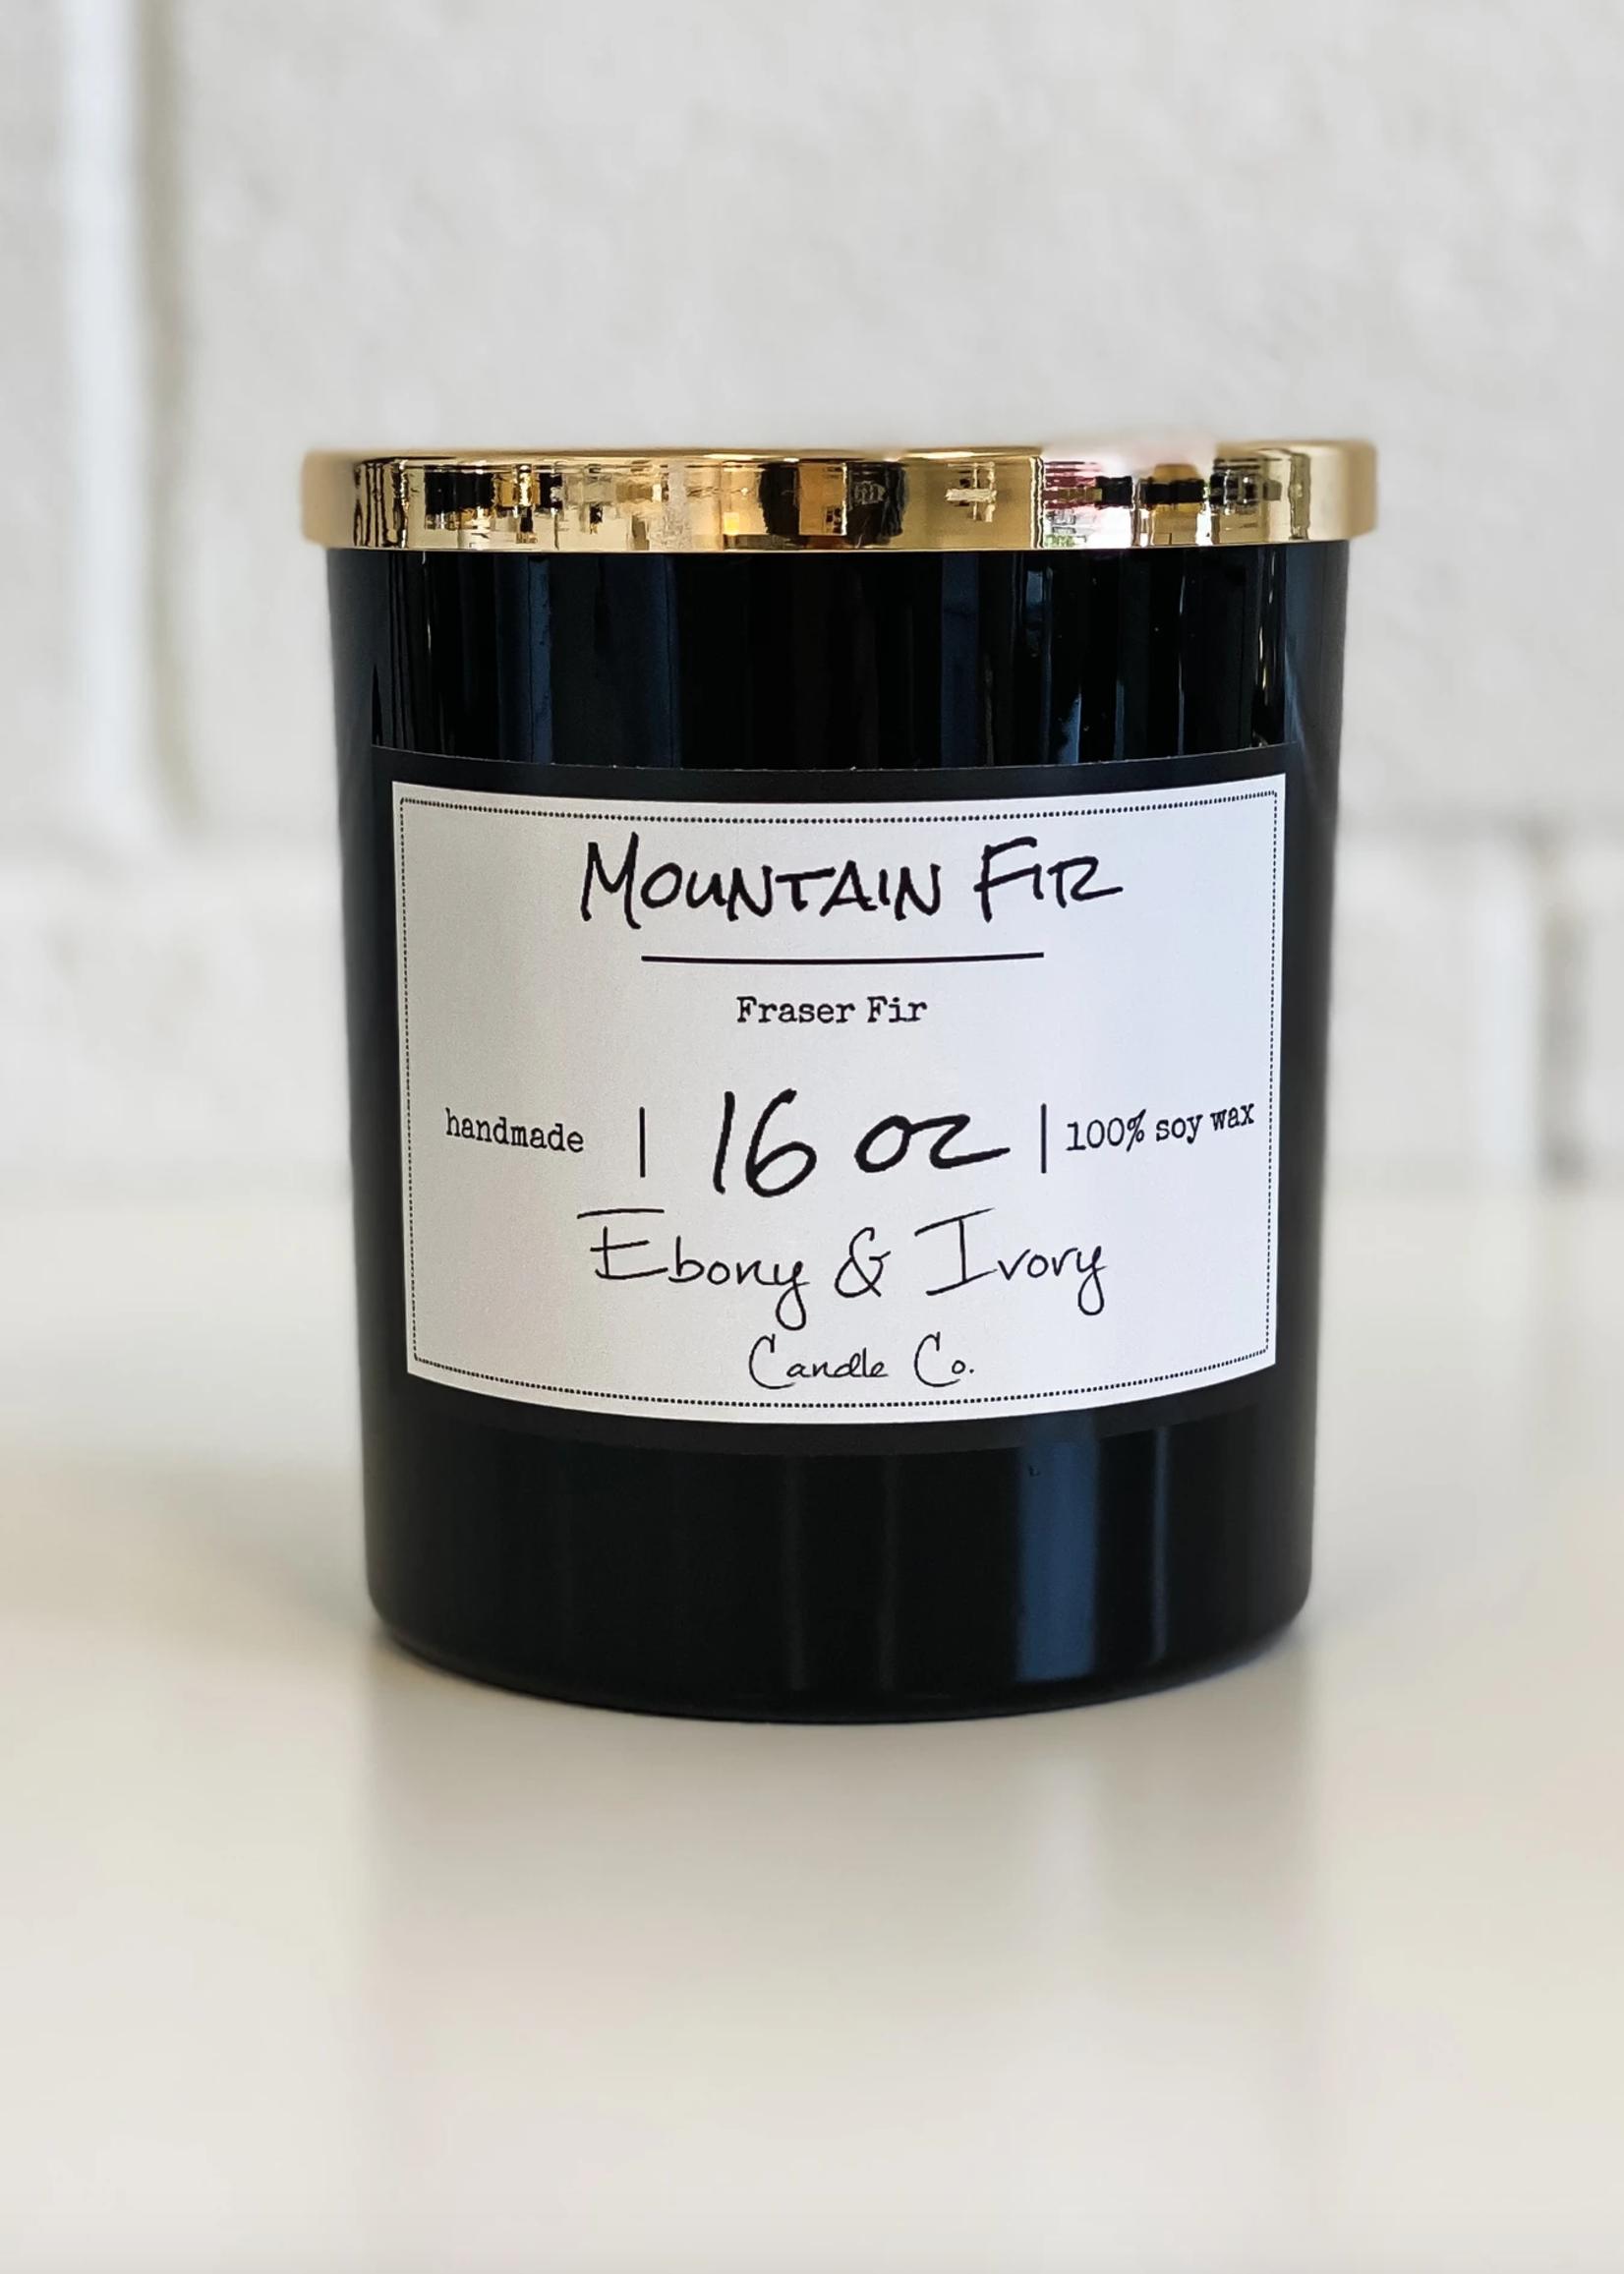 Ebony & Ivory Candle Co. Mountain Fir- 16 oz